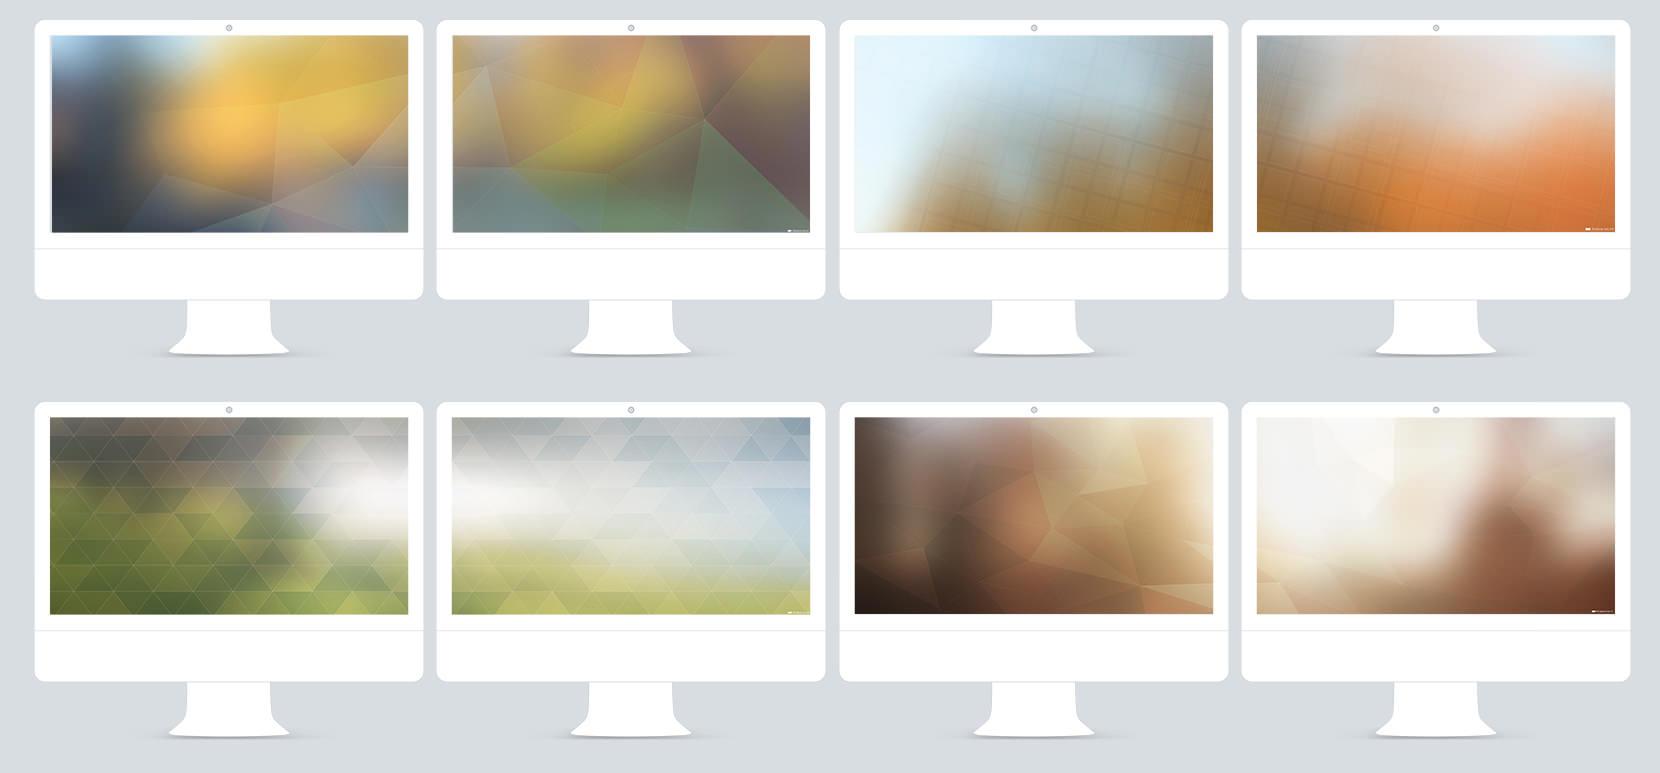 Fonds d'écrans abstraits pour deux écrans